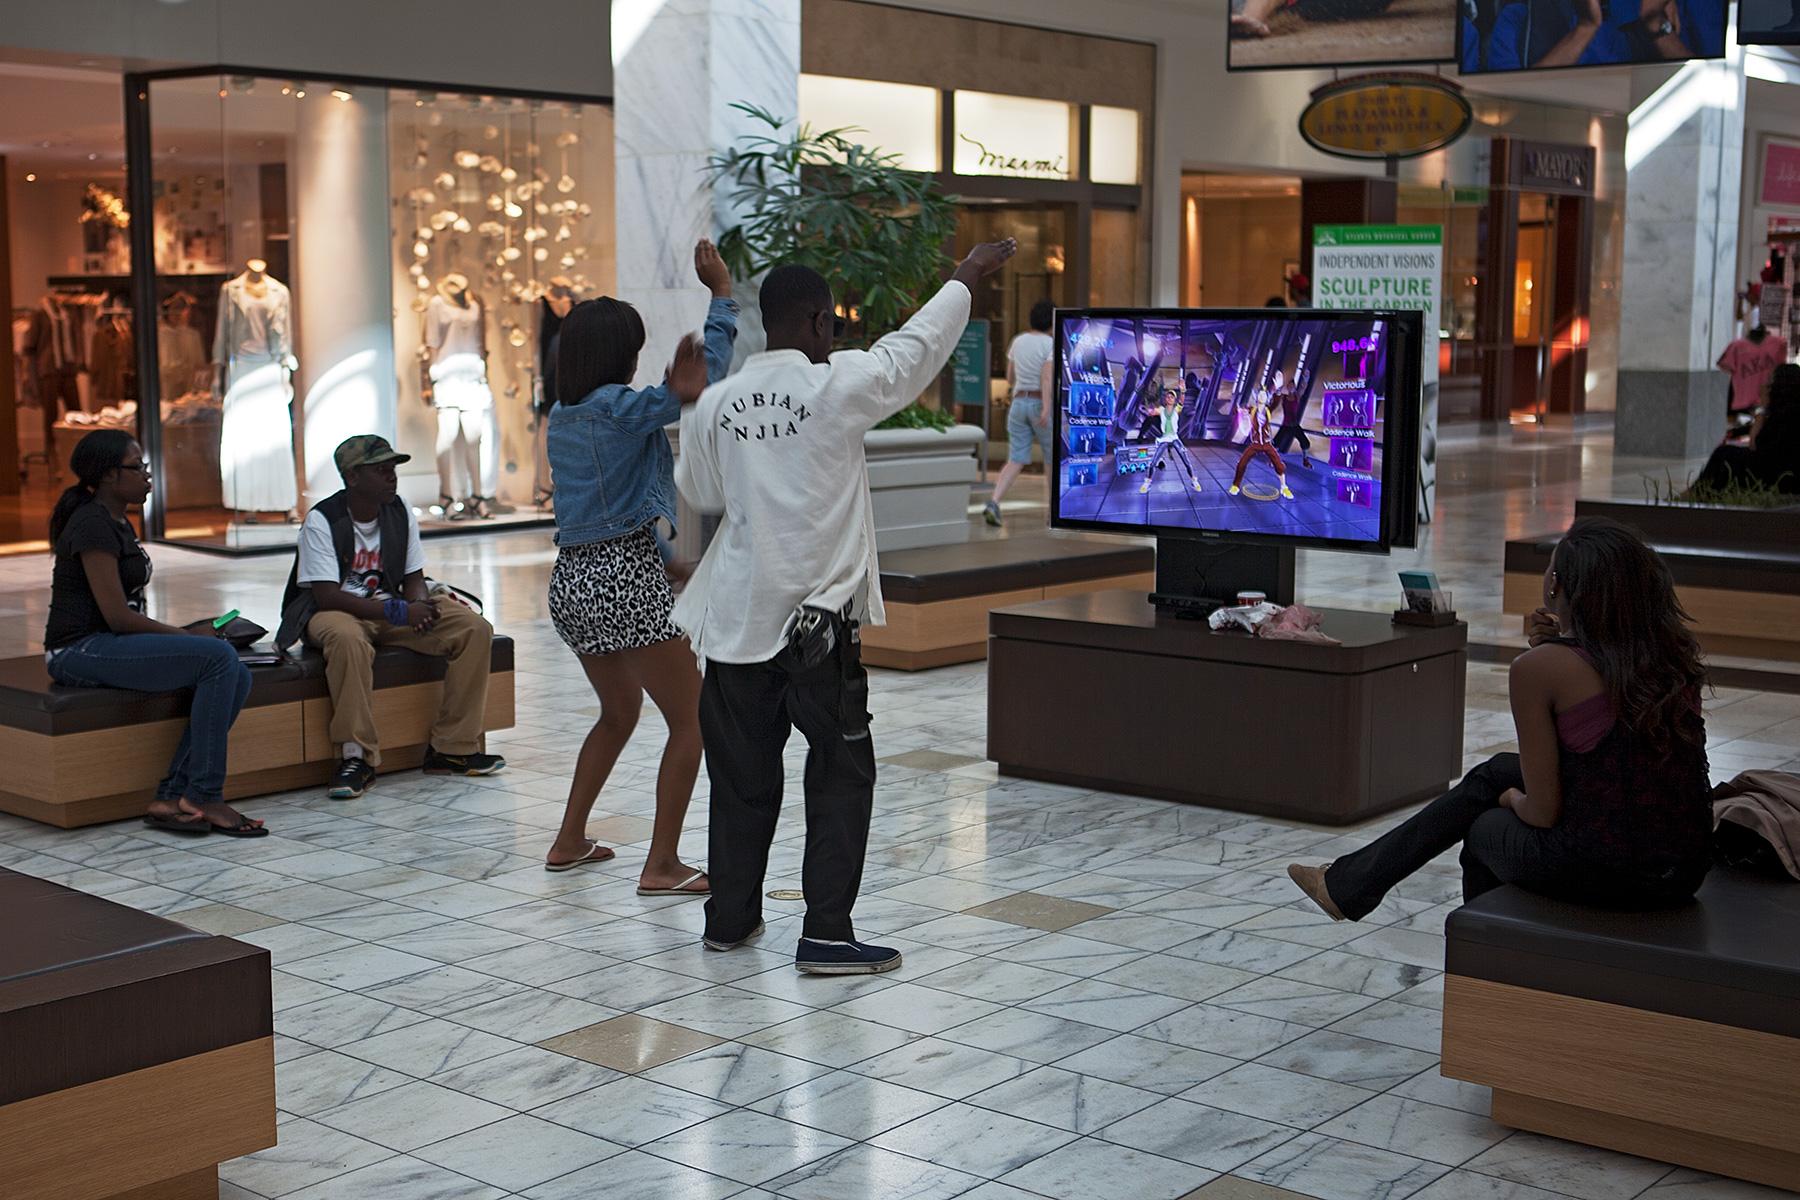 Jugendliche tanzen in einem Einkaufzentrum